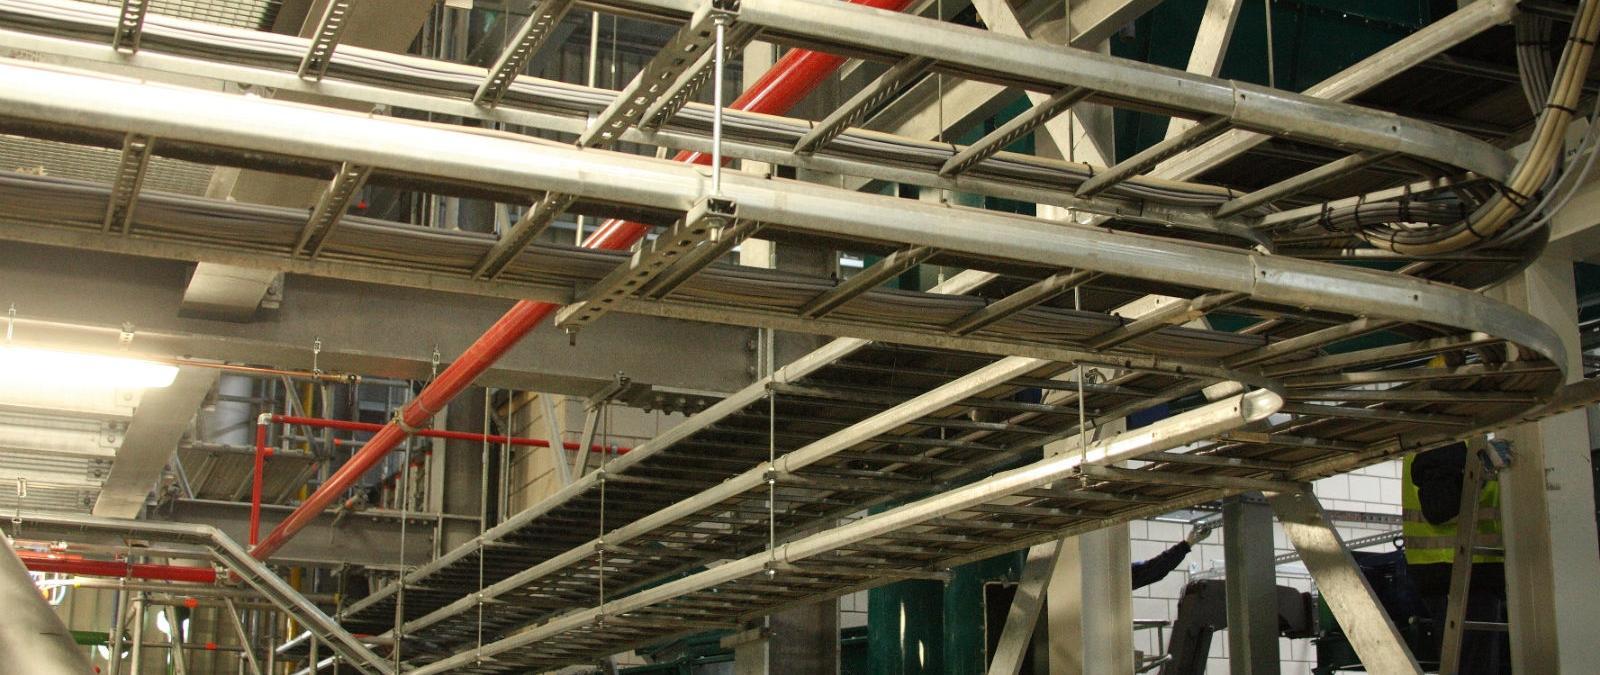 Aanpassing proces Torrefactie fabriek Topell